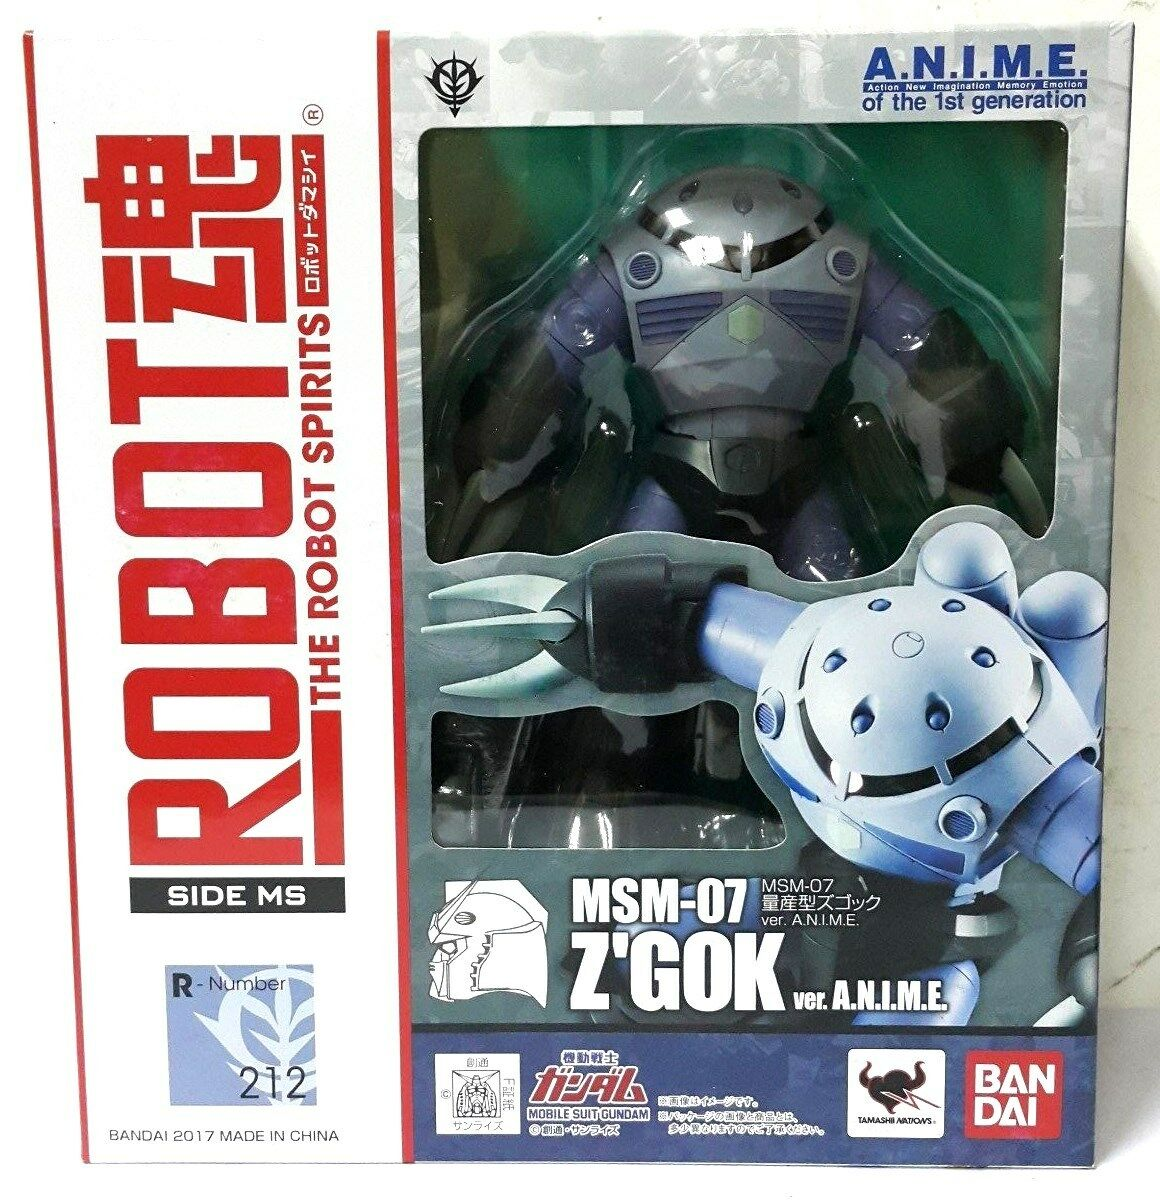 BANDAI el Robot Spirits R-212 Gundam MSM-07 z'gok Ver. Anime Figura De Acción Nueva